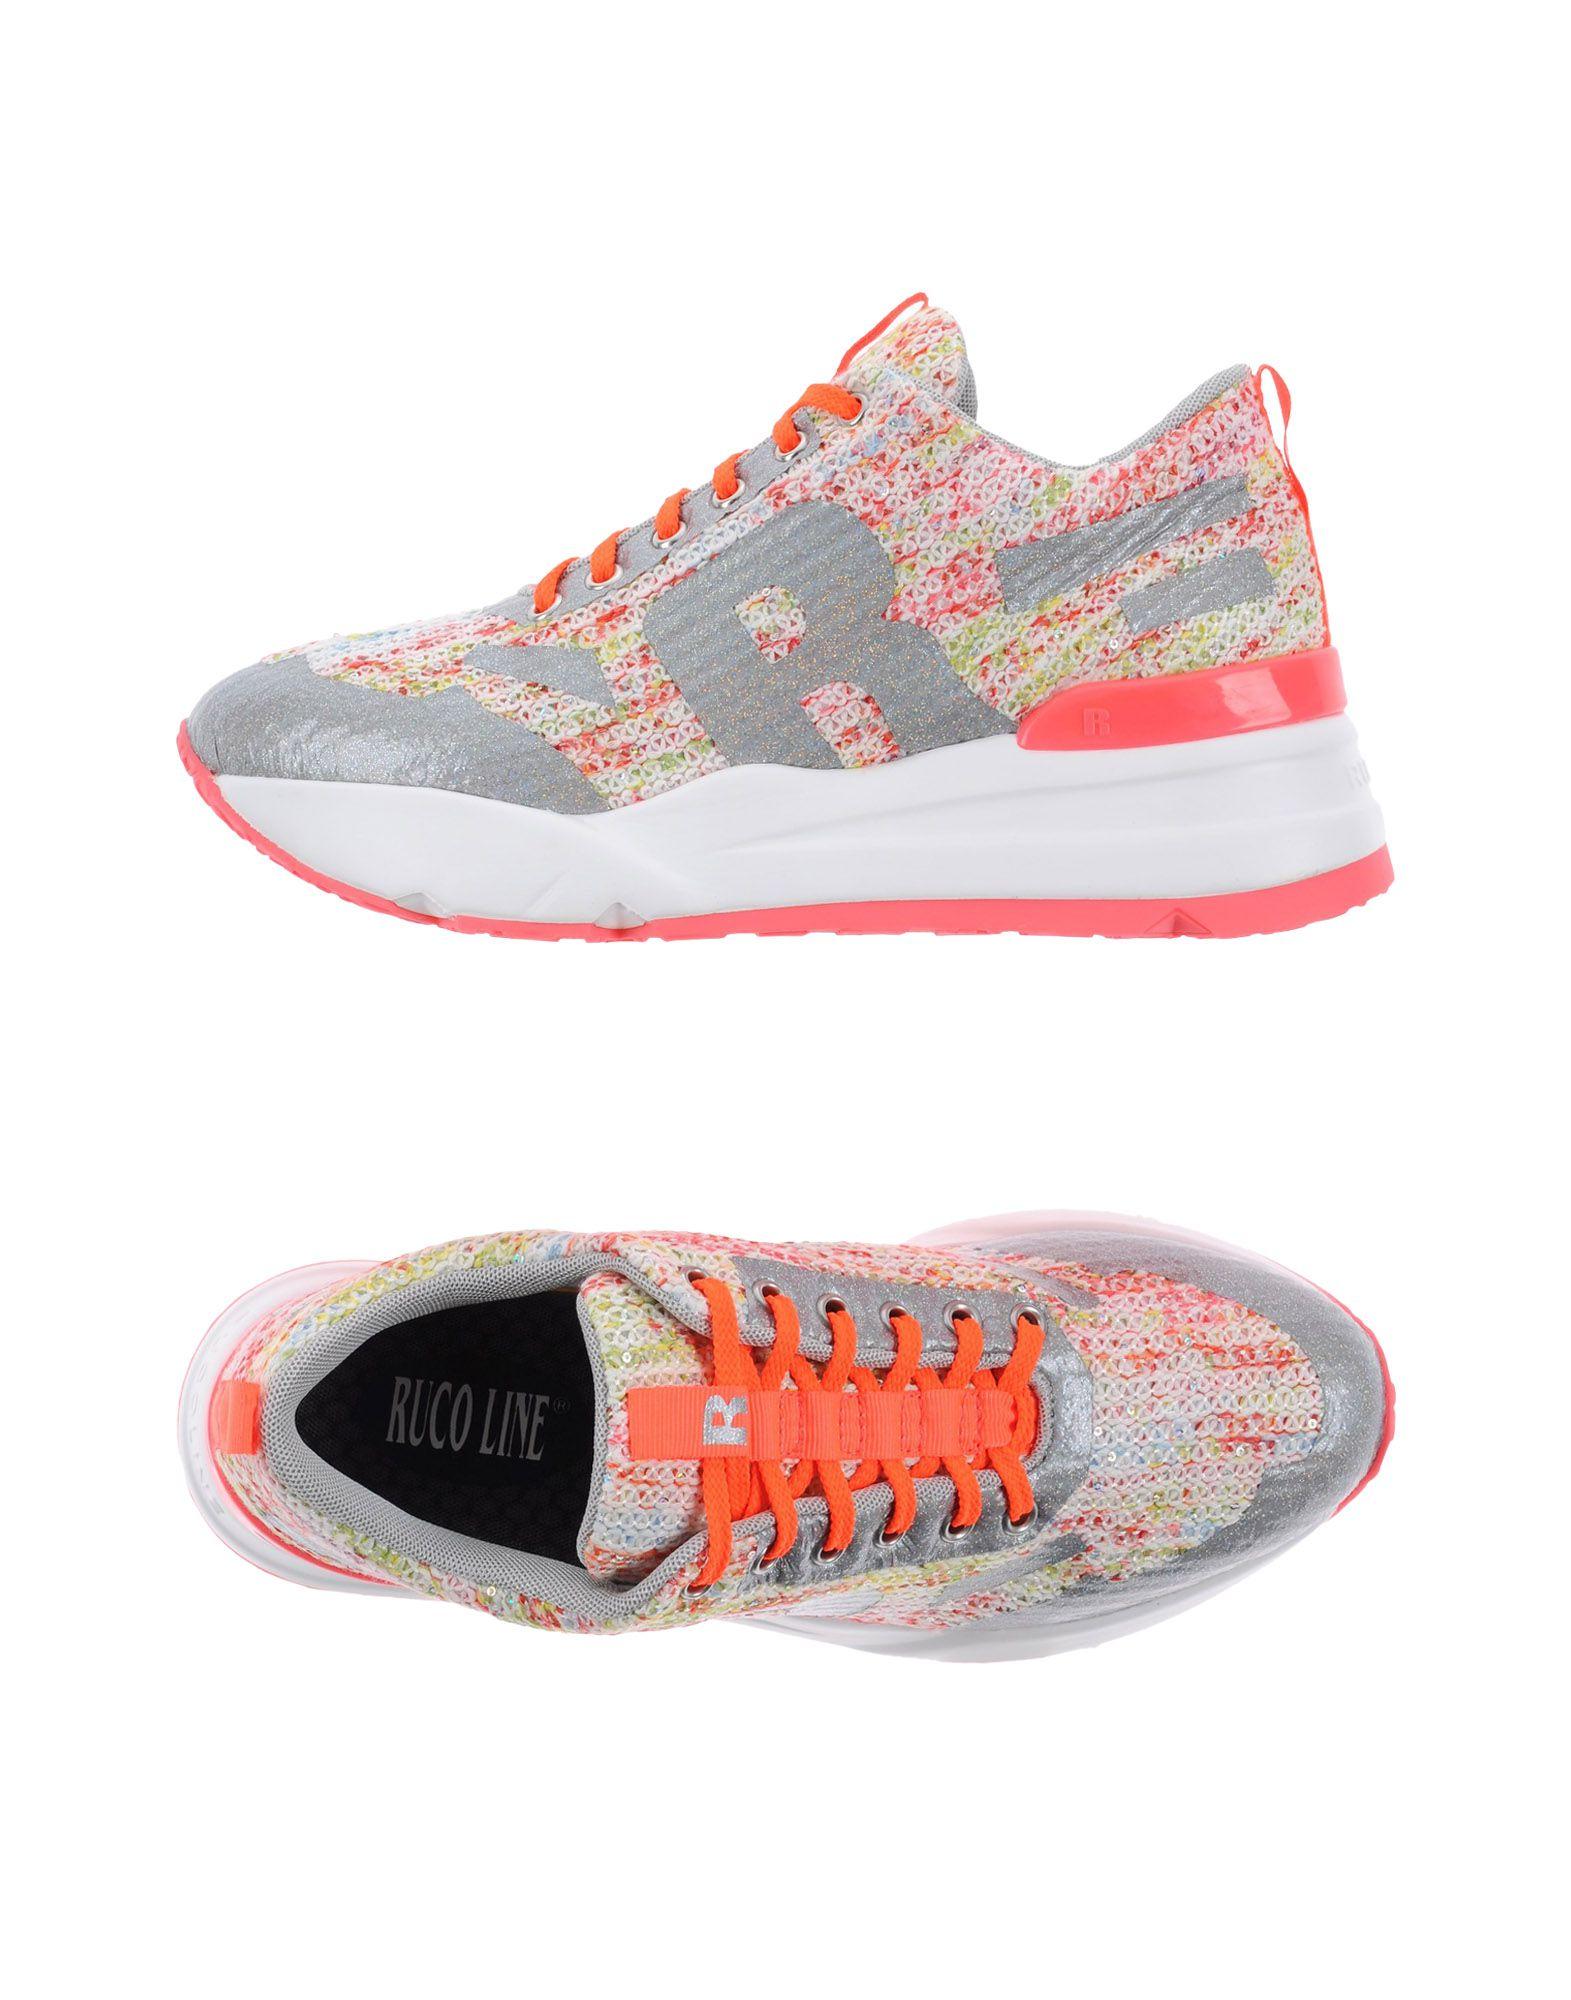 Ruco Line Damen Sneakers Damen Line Gutes Preis-Leistungs-Verhältnis, es lohnt sich b43c24